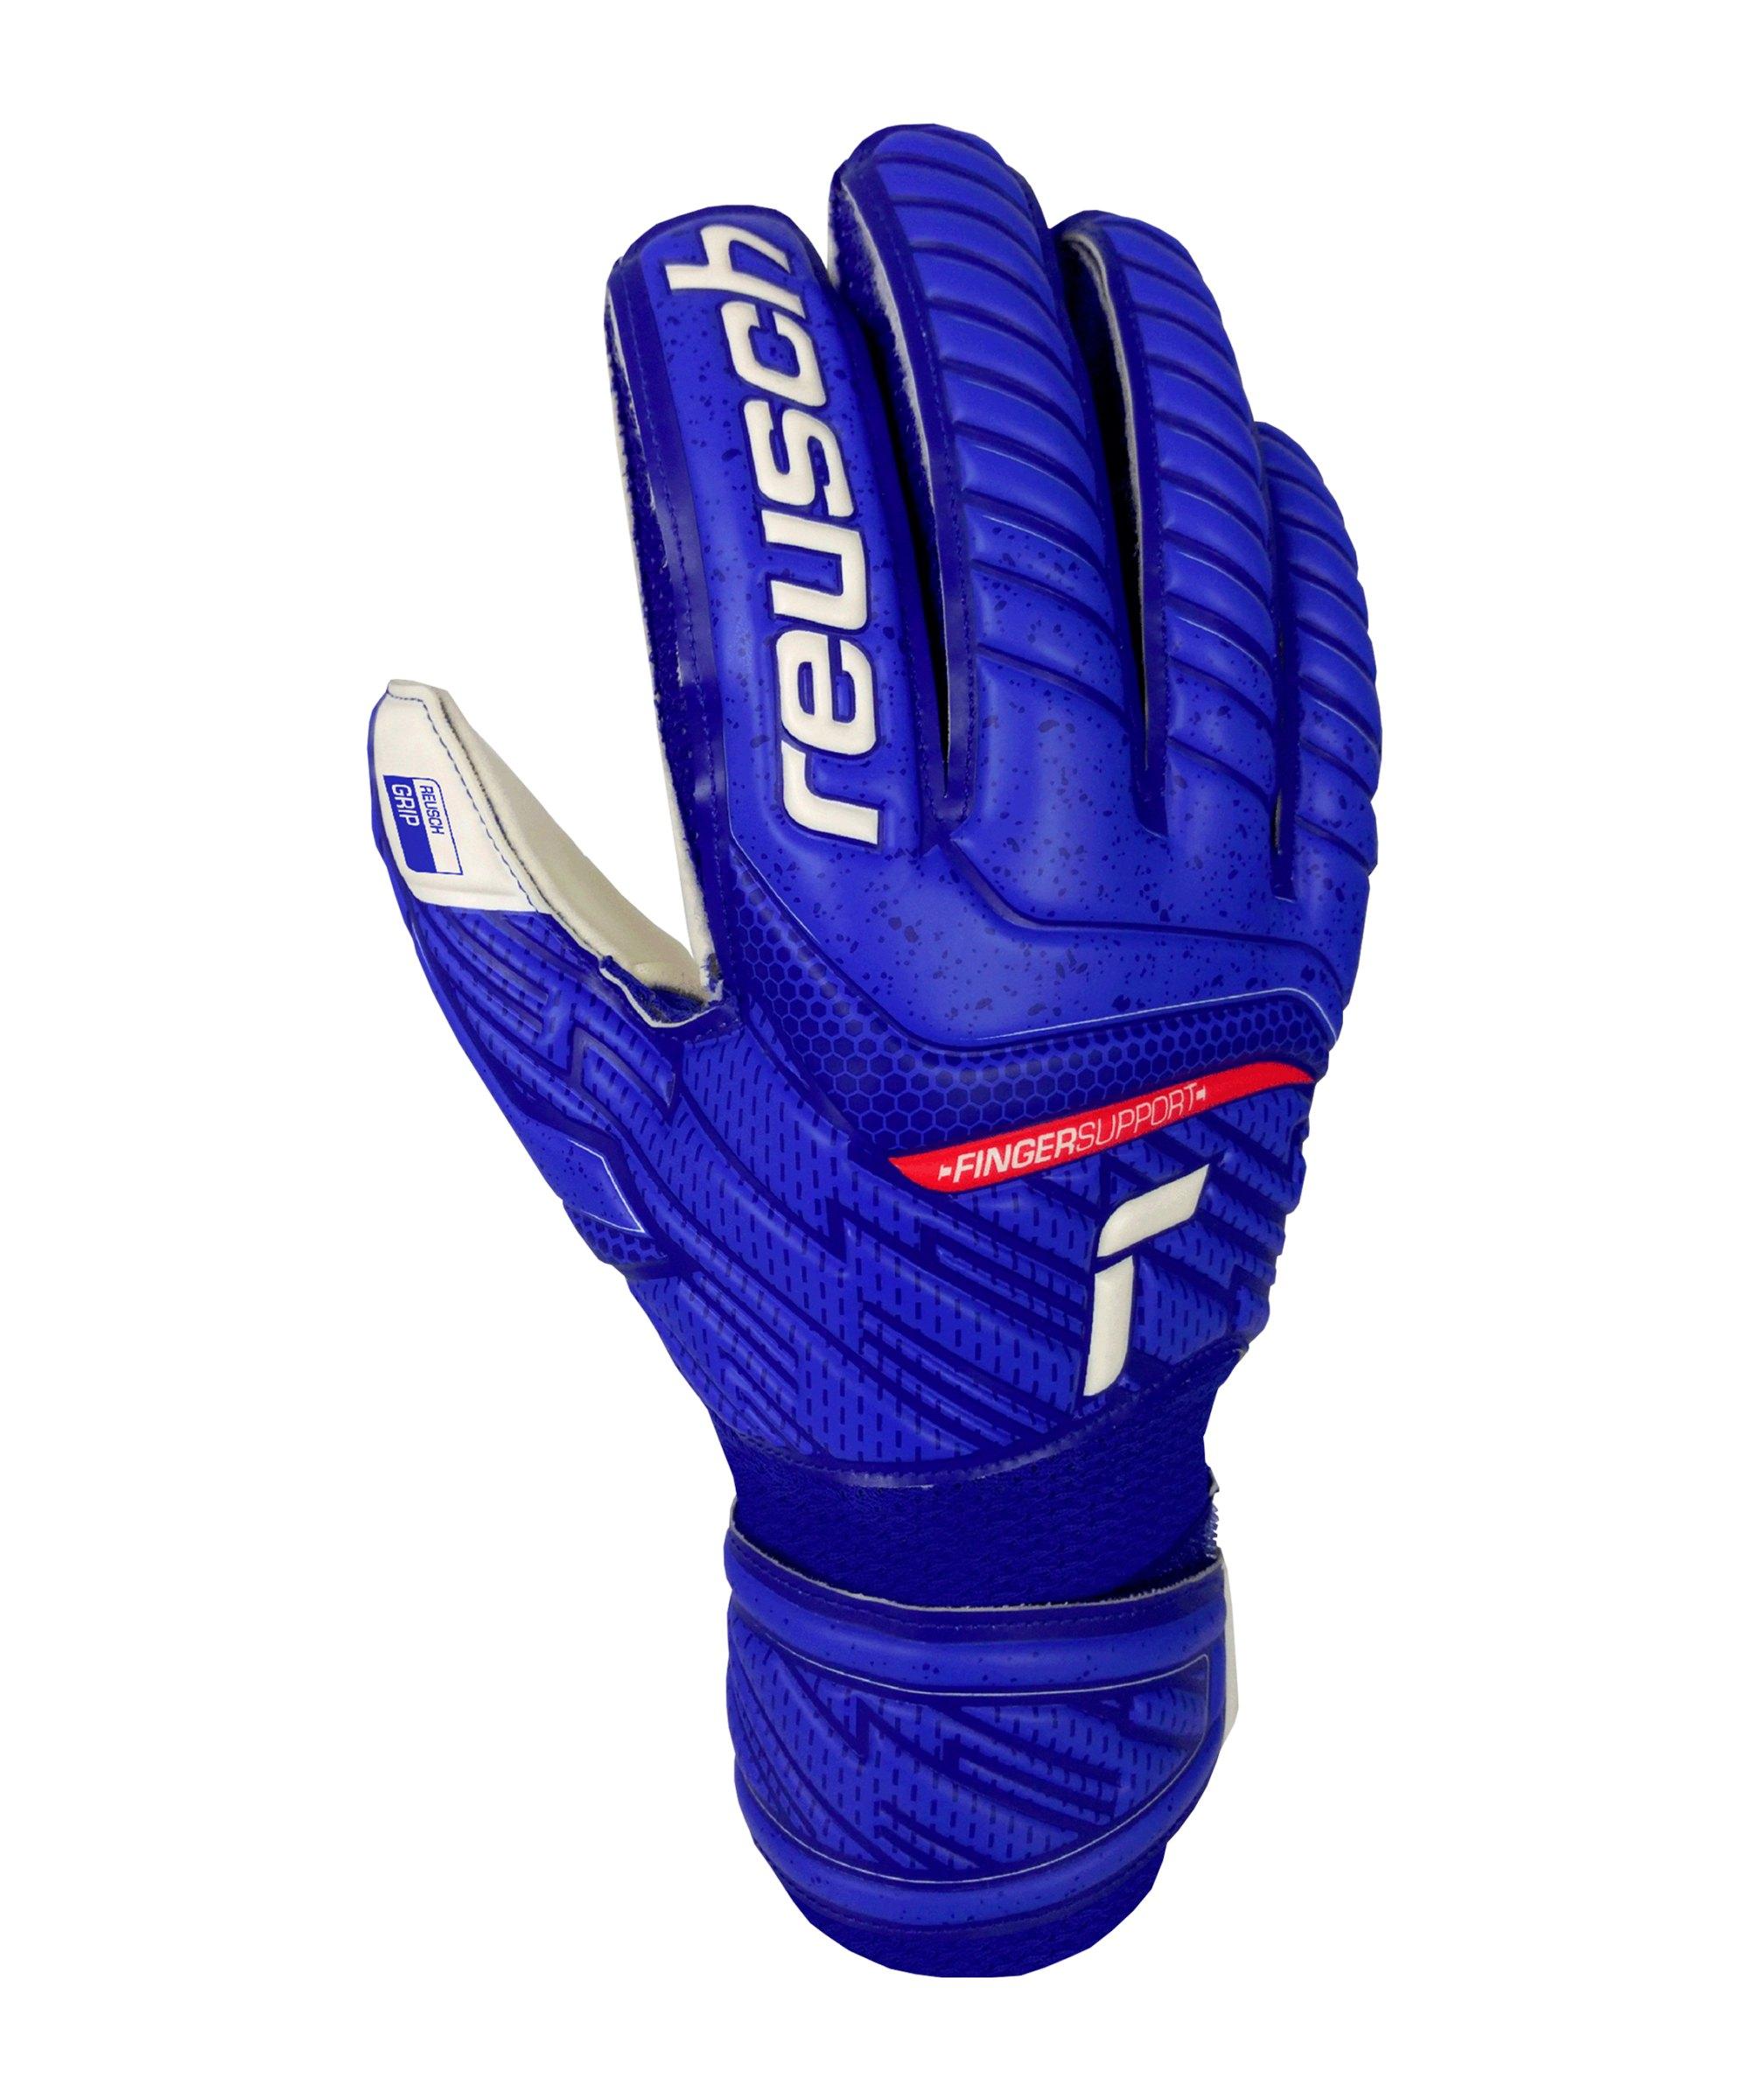 Reusch Attrakt Grip TW-Handschuh Junior F4011 - blau